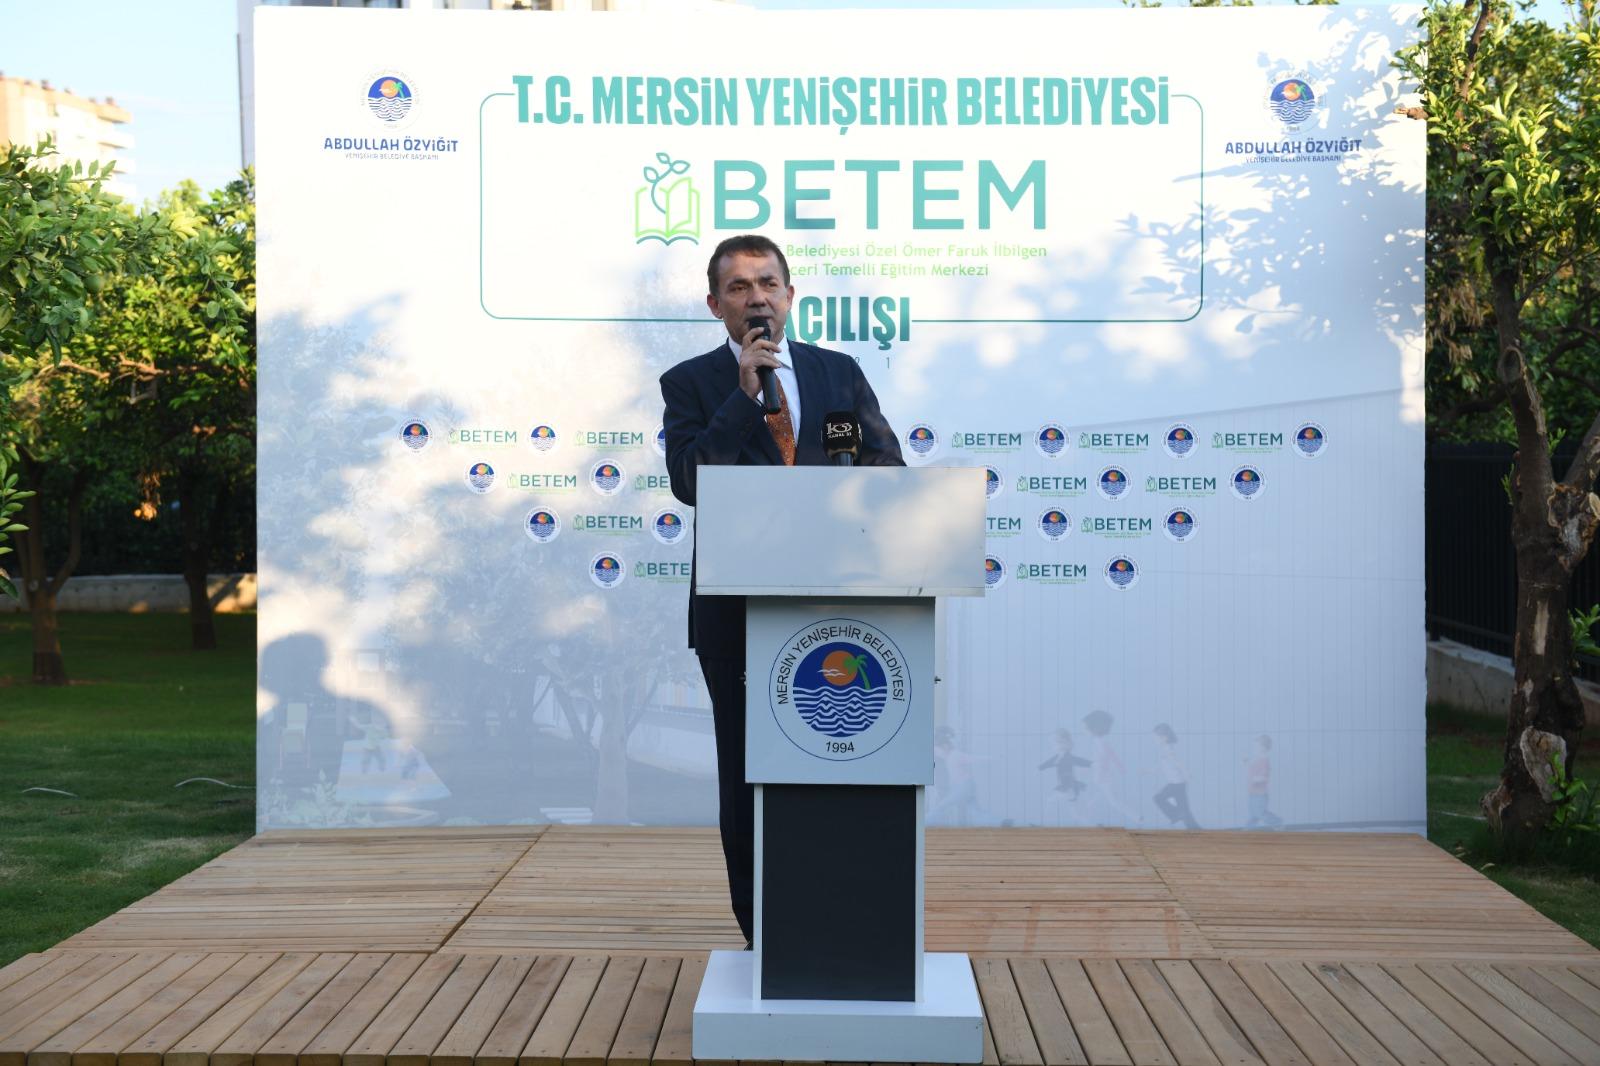 Yenişehir Belediyesi BETEM açıldı